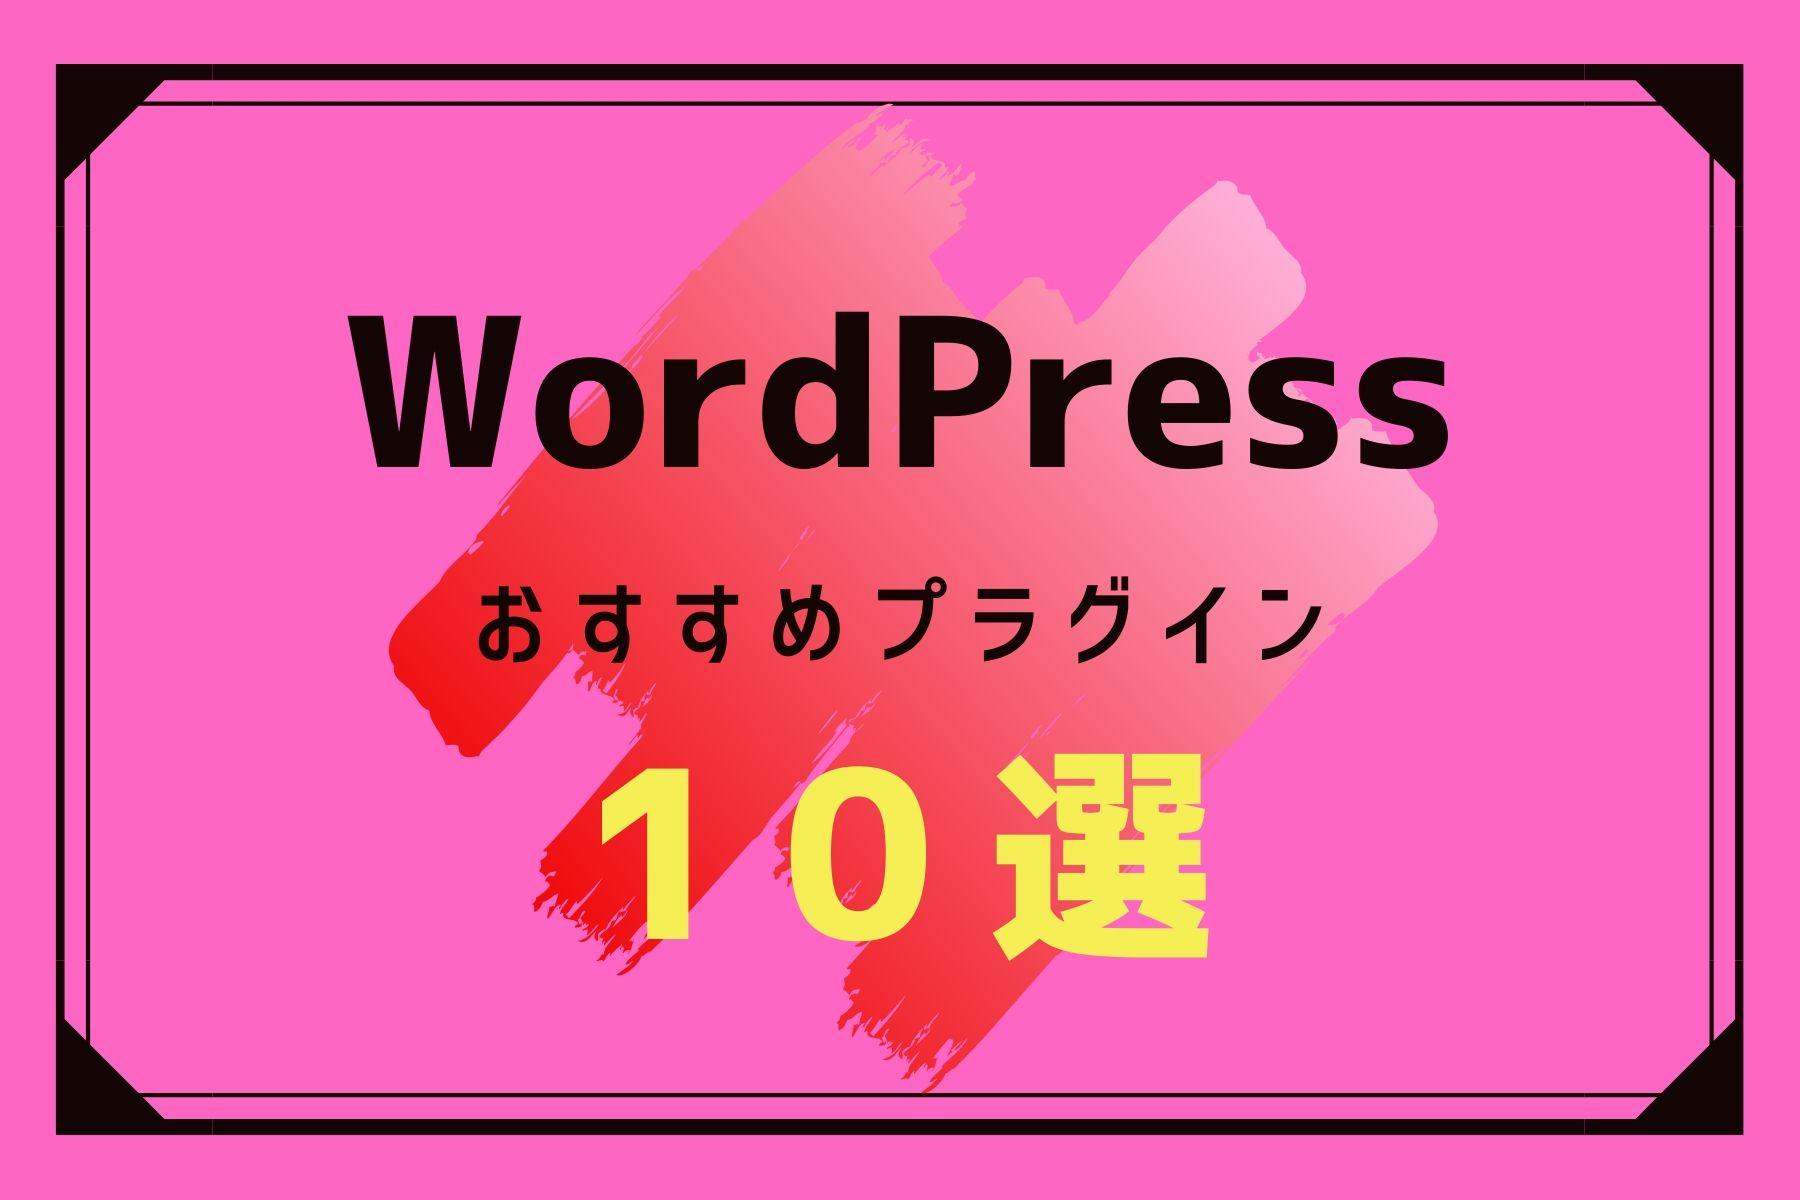 ワードプレスのプラグインで高速化!ブログを収益化する為ににおすすめの10選